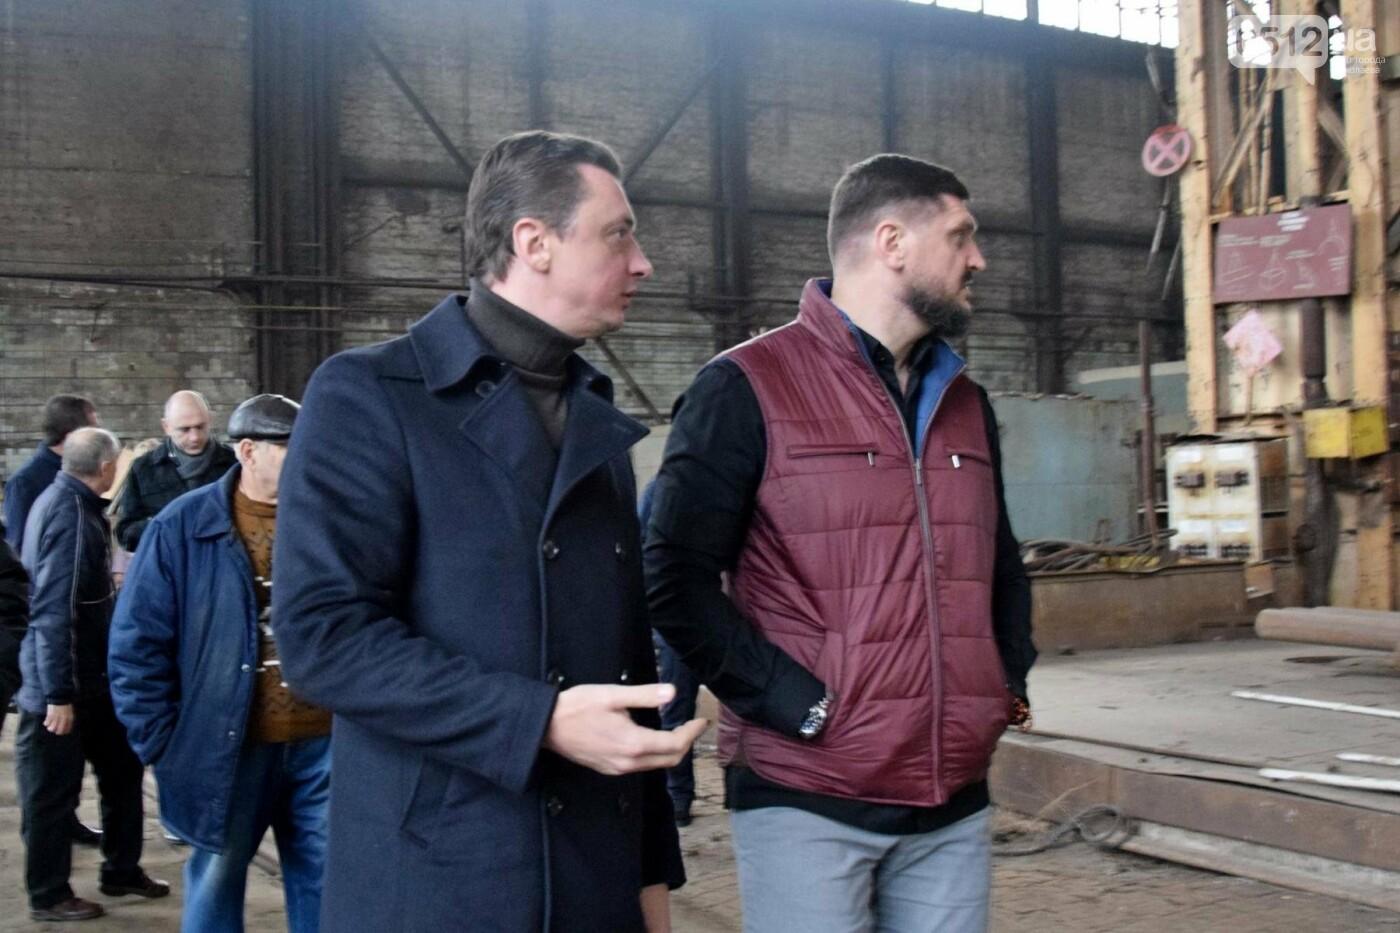 Крупный американский инвестор может создать 2-3 тысячи рабочих мест в Николаеве, - Савченко, фото-5